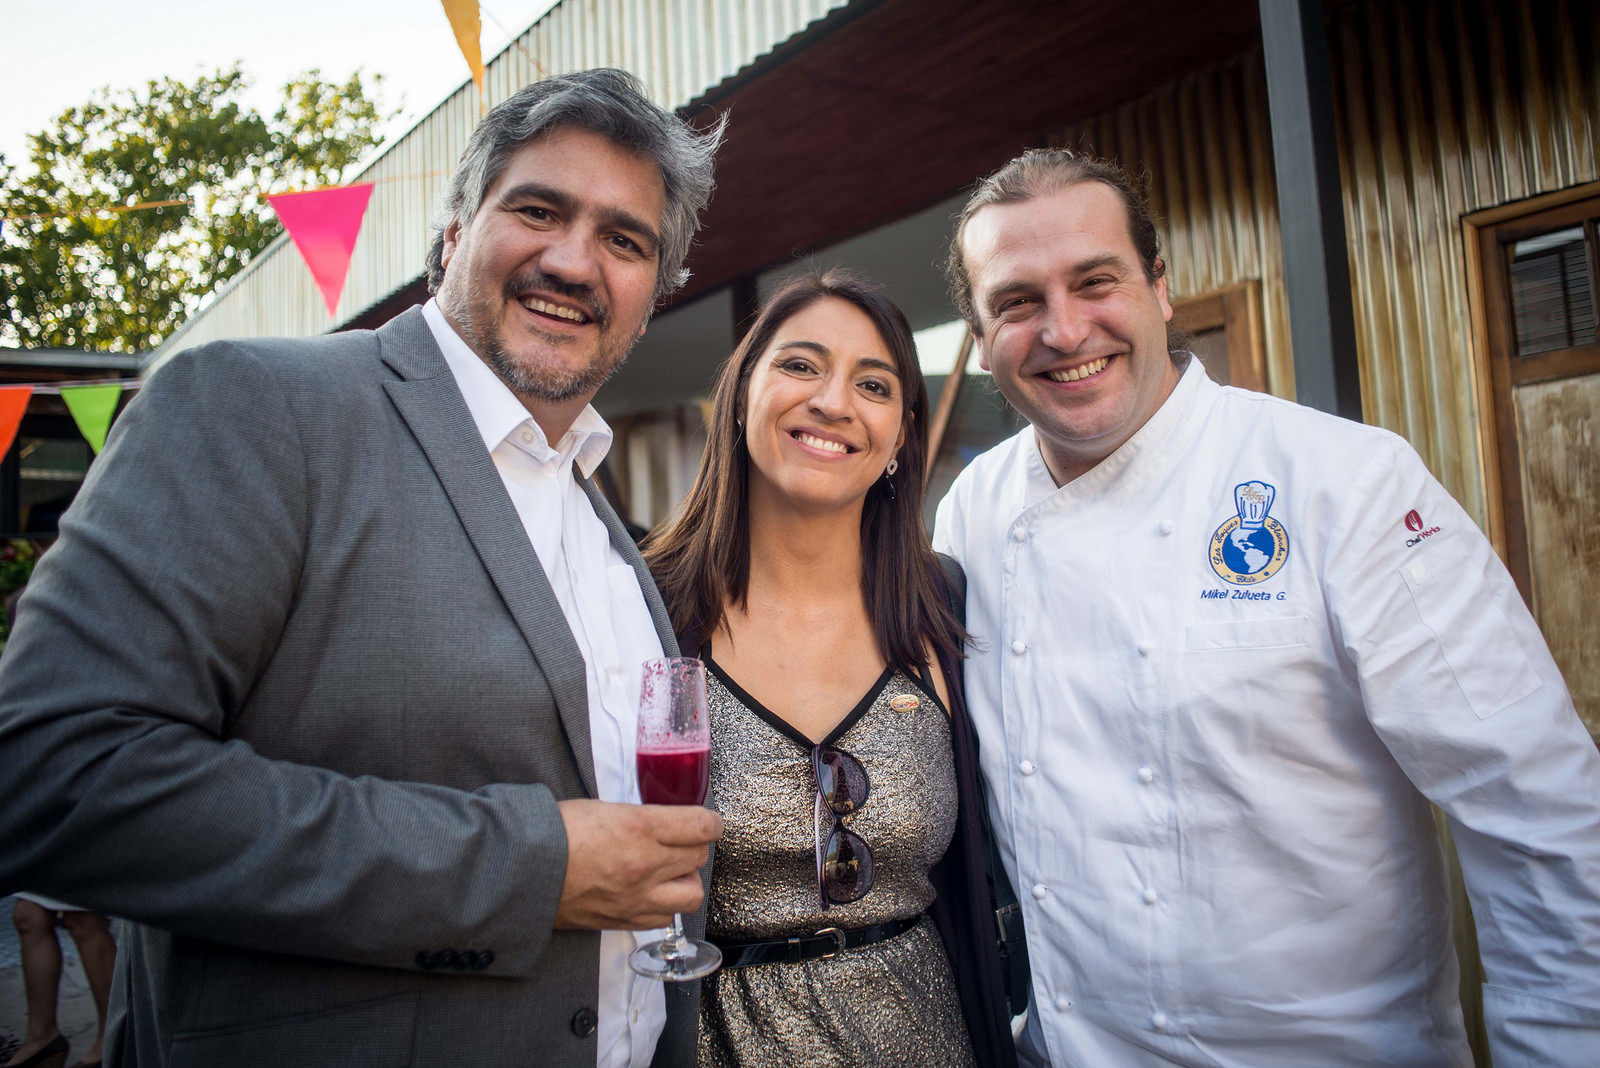 (De izquierda a derecha) Alejandro Buvinic, Director de ProChile; Natalia Sepulveda, Jefa del Departamento de Estudios y Marketing de Asprocer, y el Chef Mikel Zulueta.